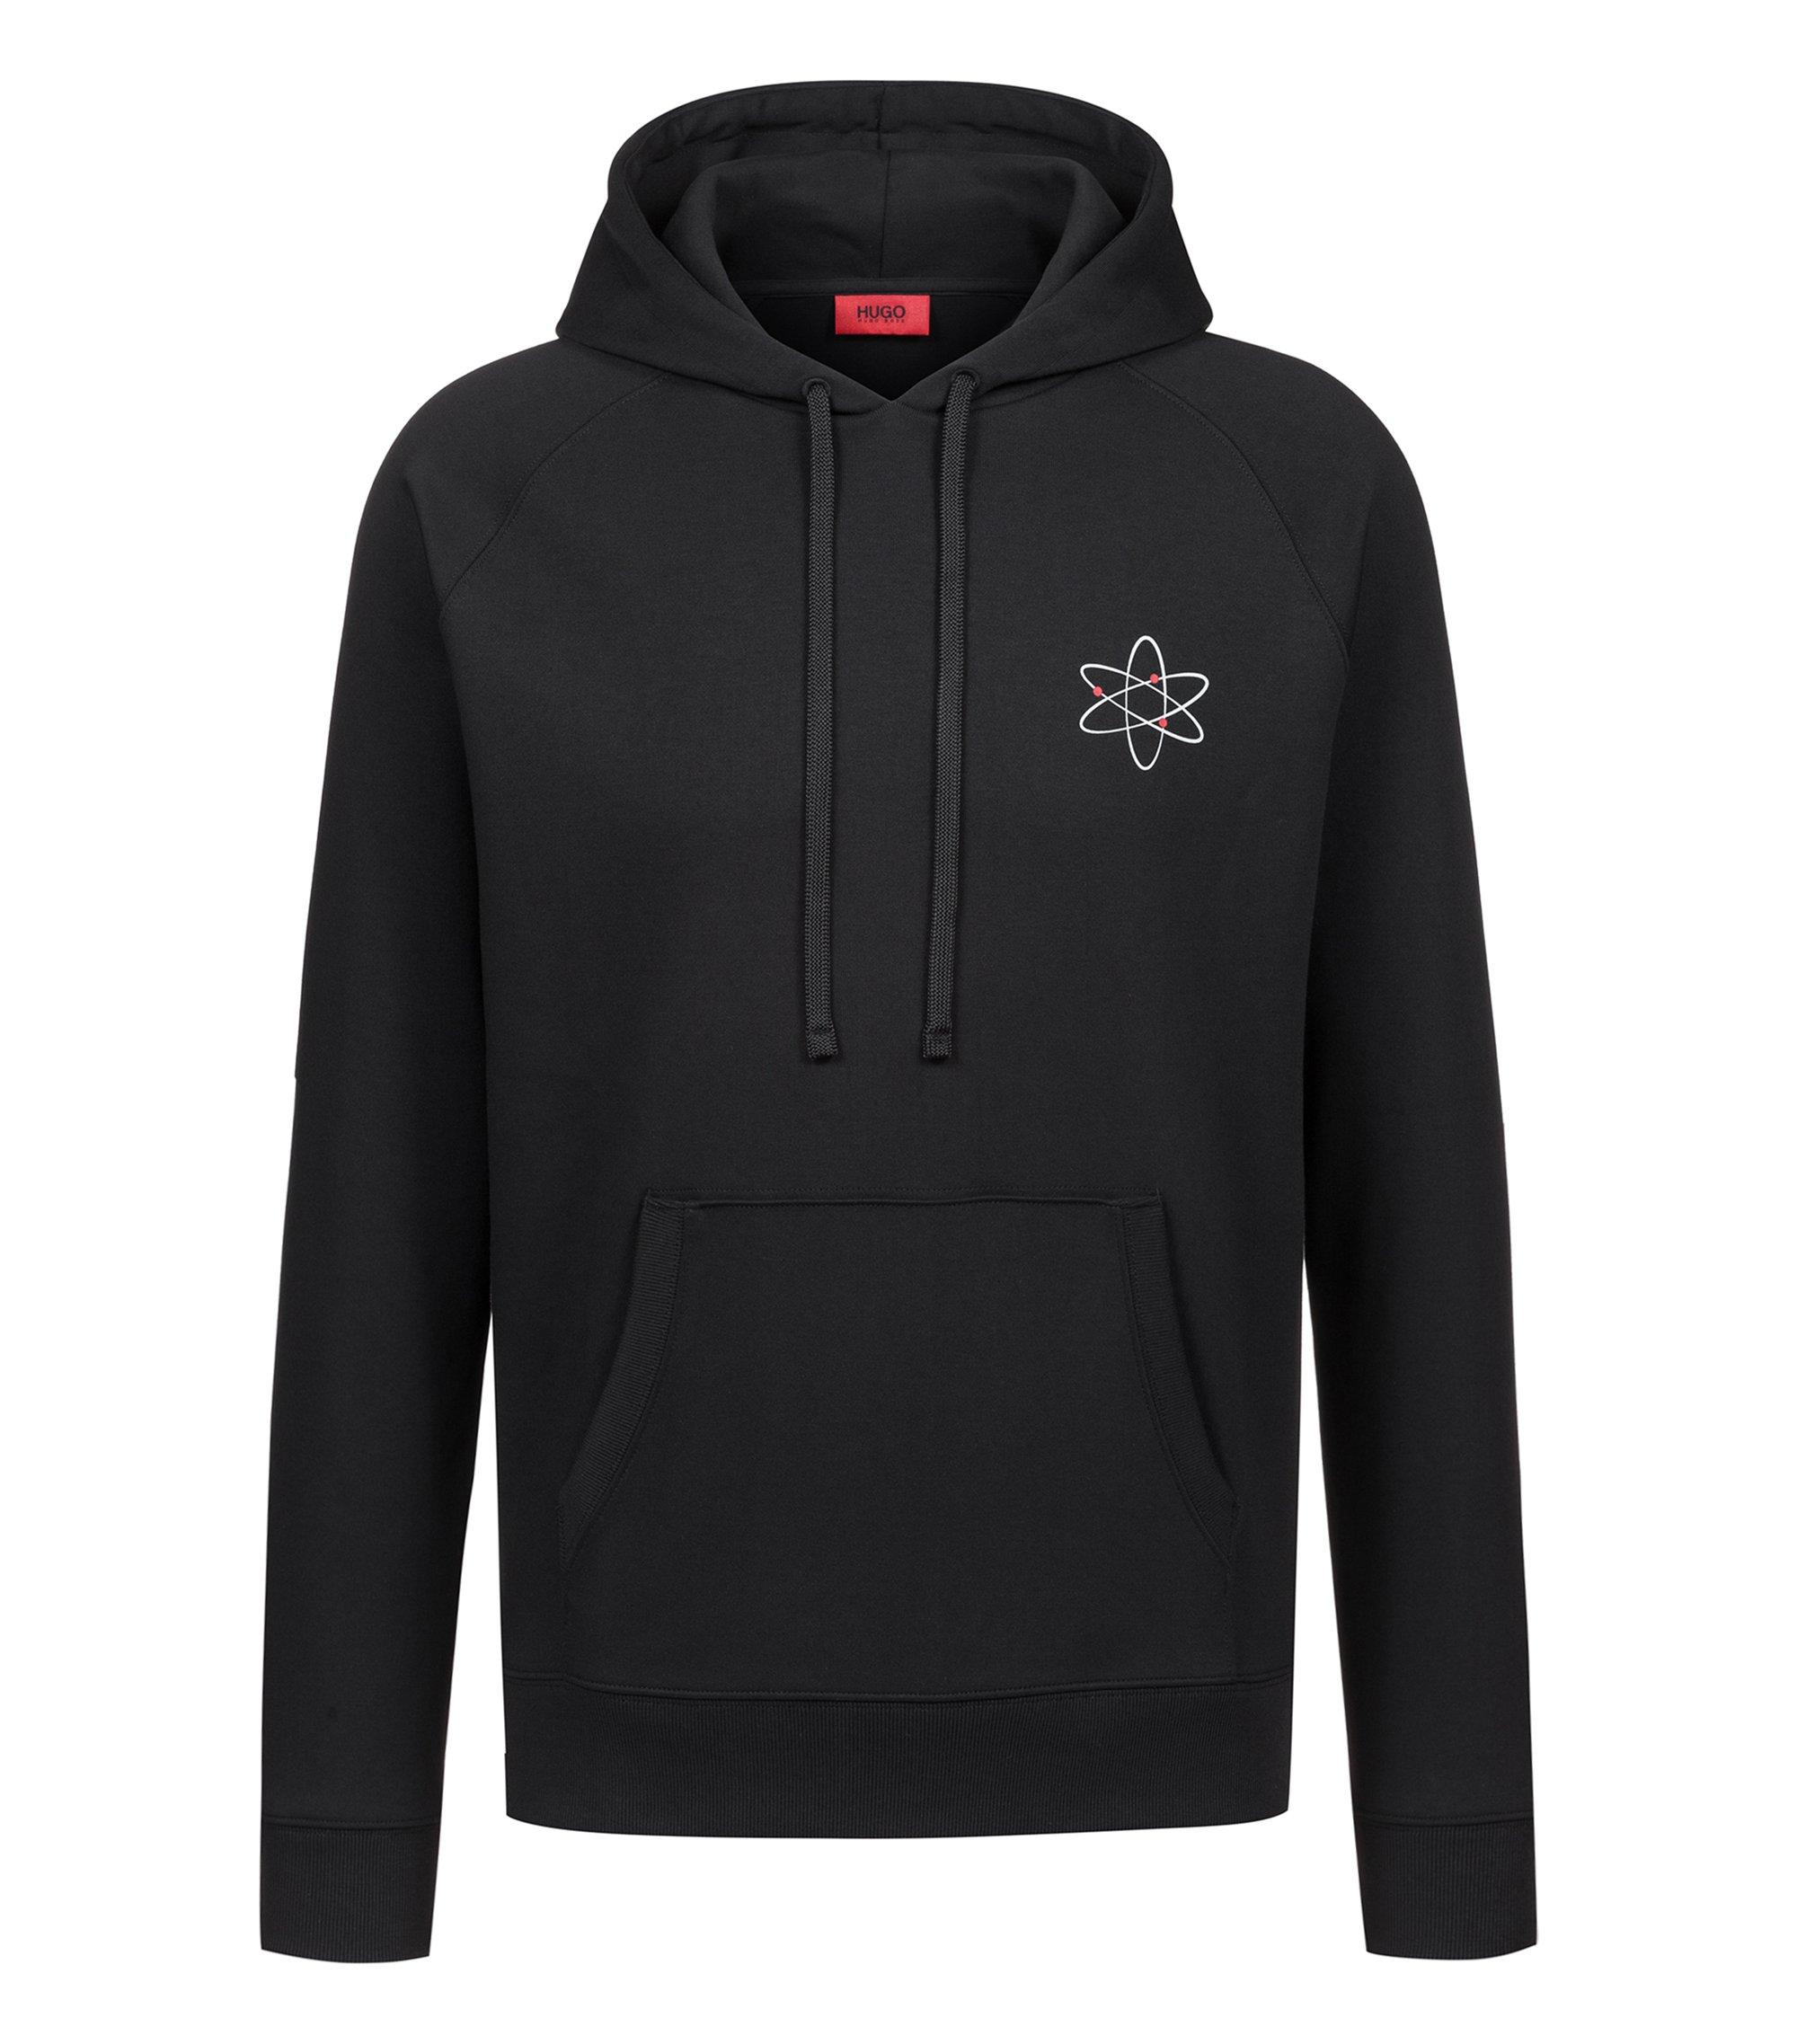 Kapuzen-Sweatshirt mit Atom-Print und Reversed-Logo, Schwarz